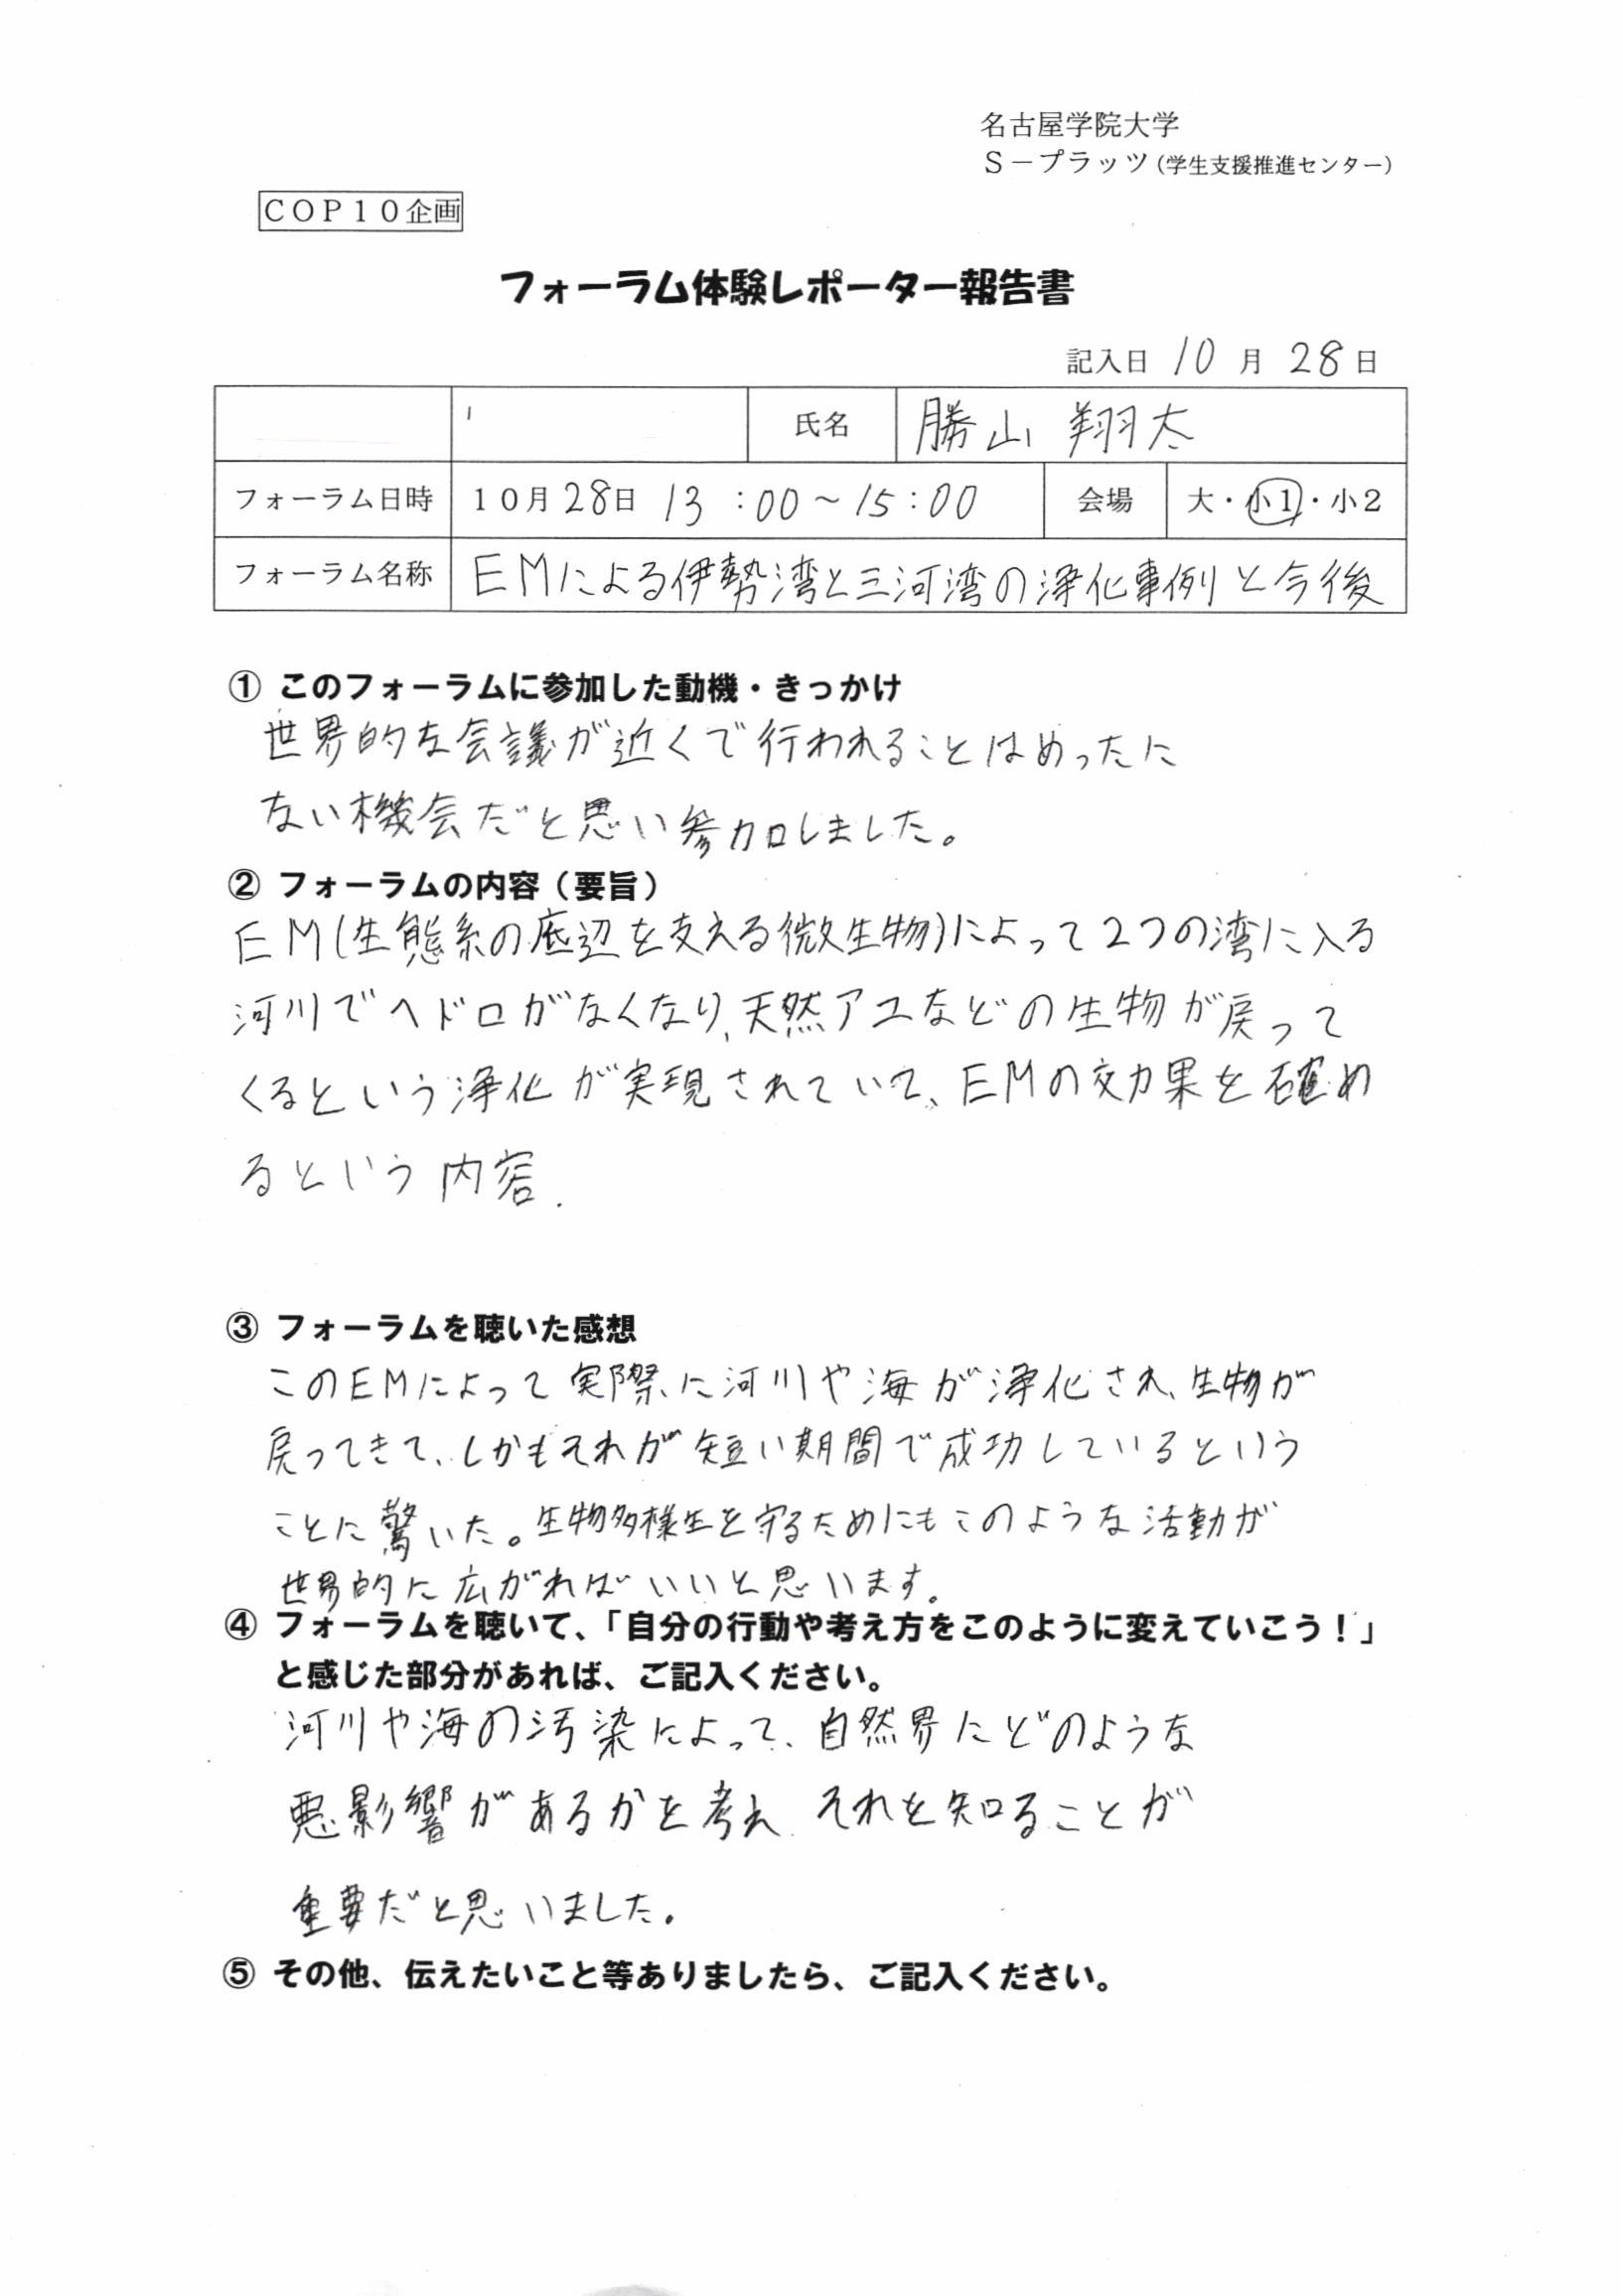 フォーラム体験レポーター報告勝山